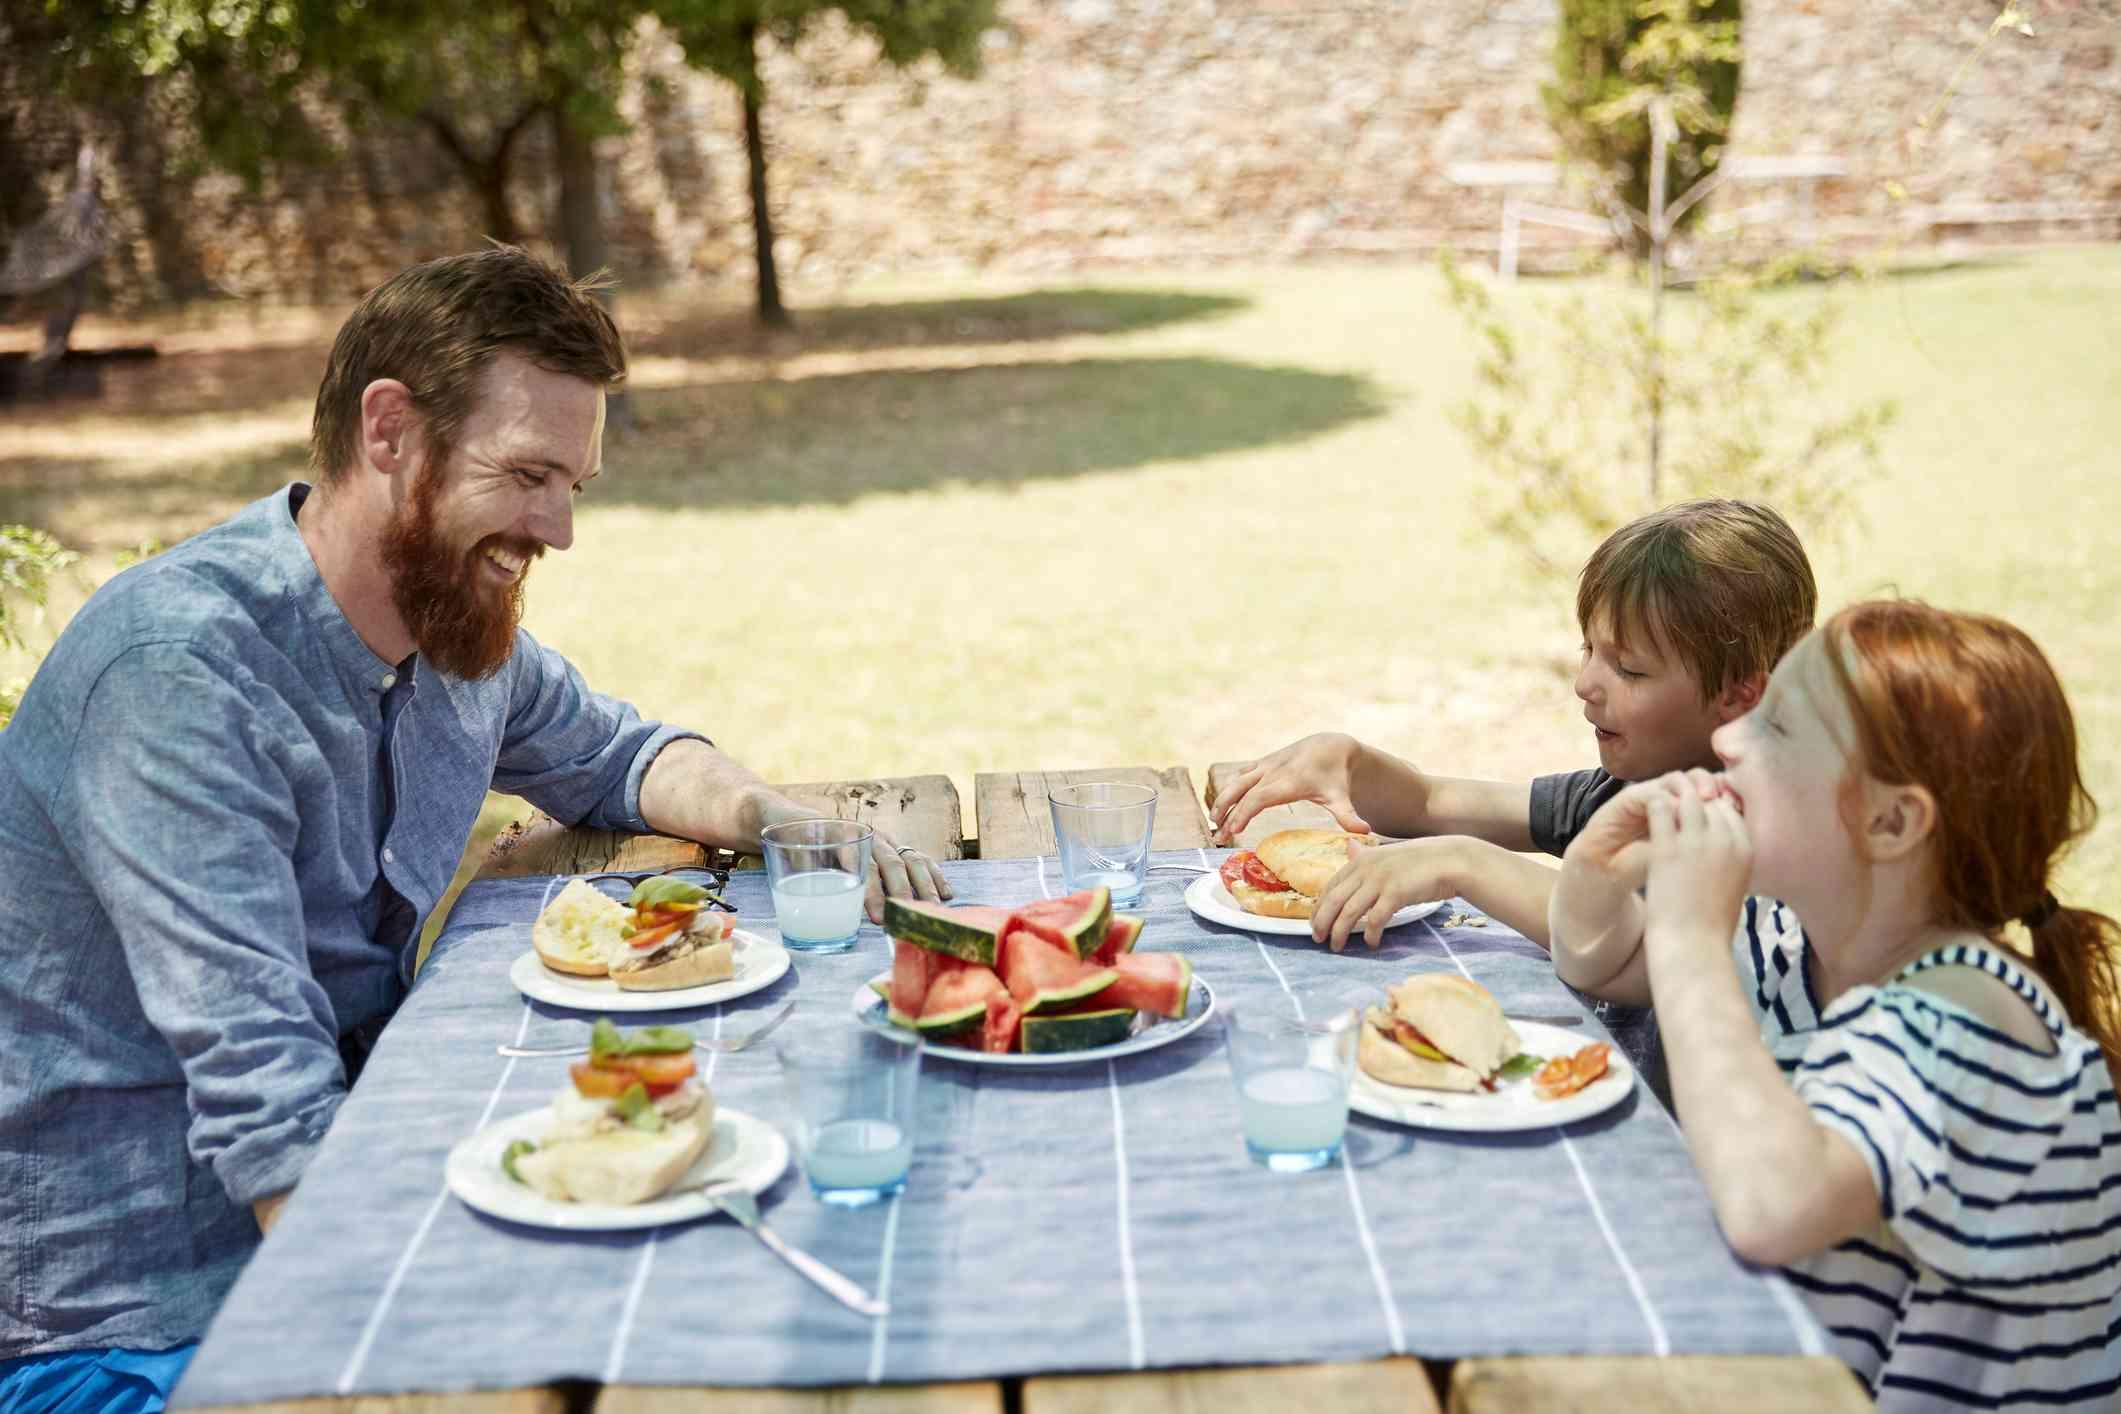 A family eating dinner outside.